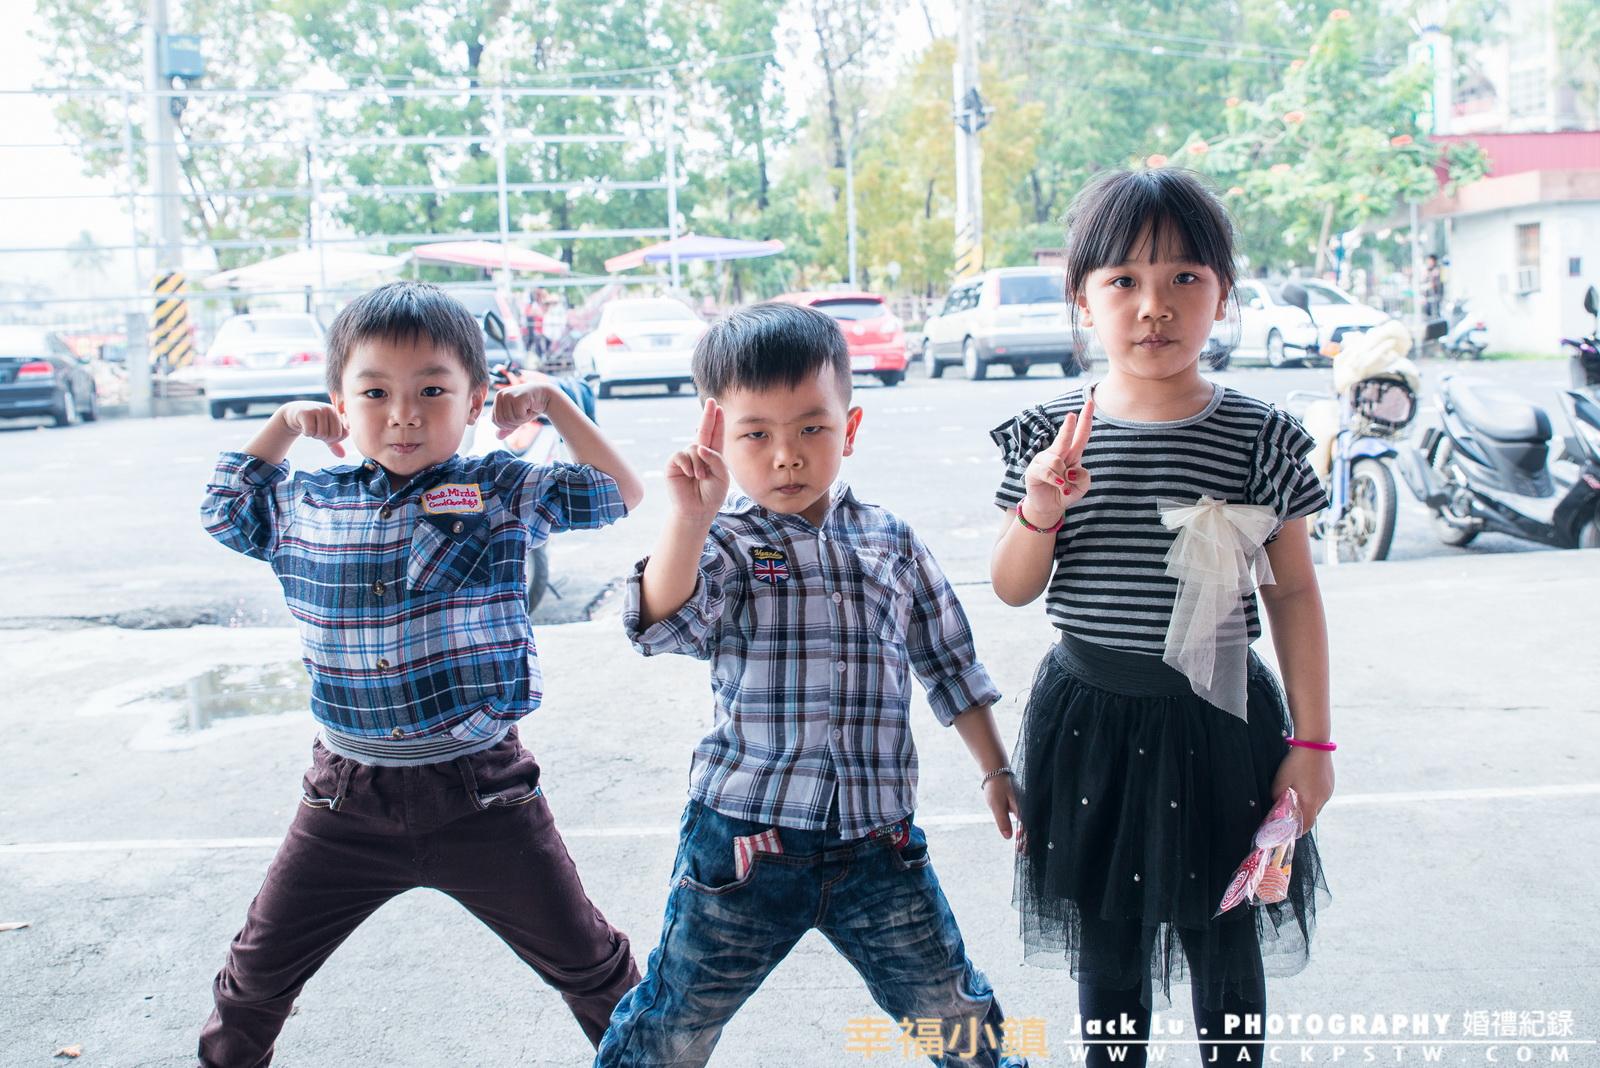 調皮的小孩故意擺出像超級英雄的樣子